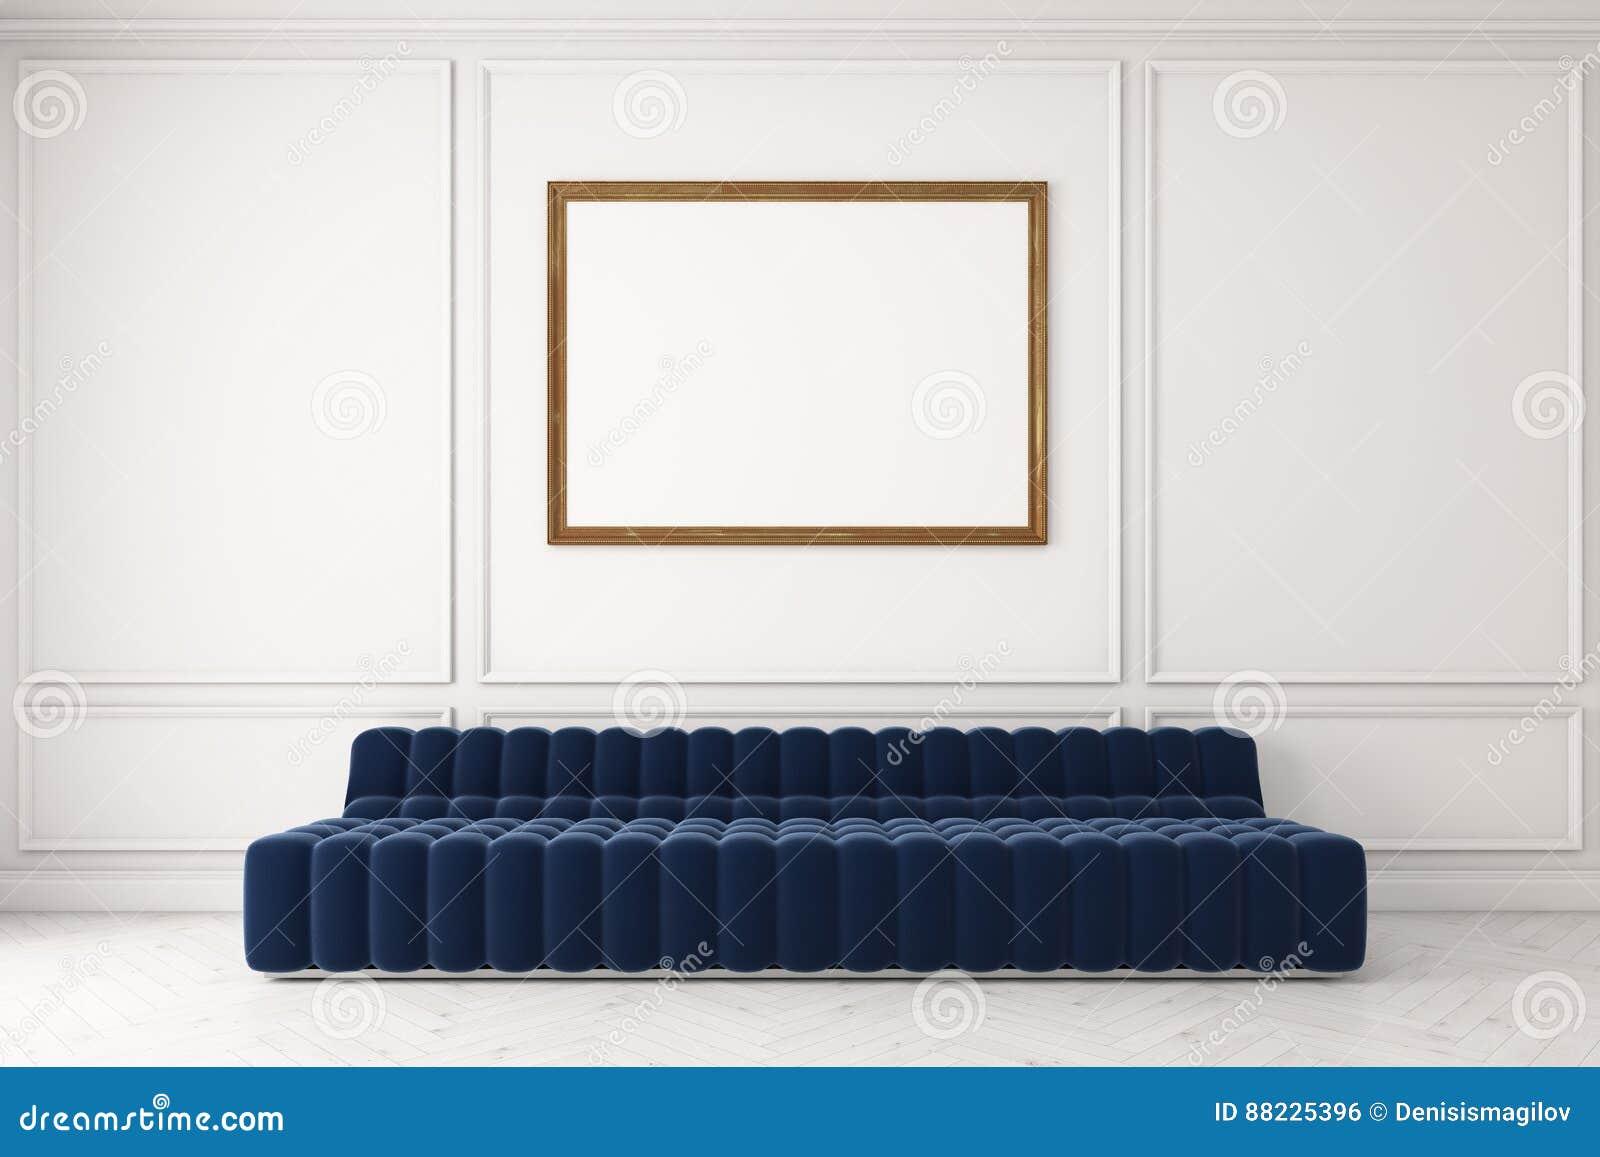 Großartig Hellblaues Sofa Sammlung Von Pattern Blaues Gegen Weiße Wand, Plakat Stock